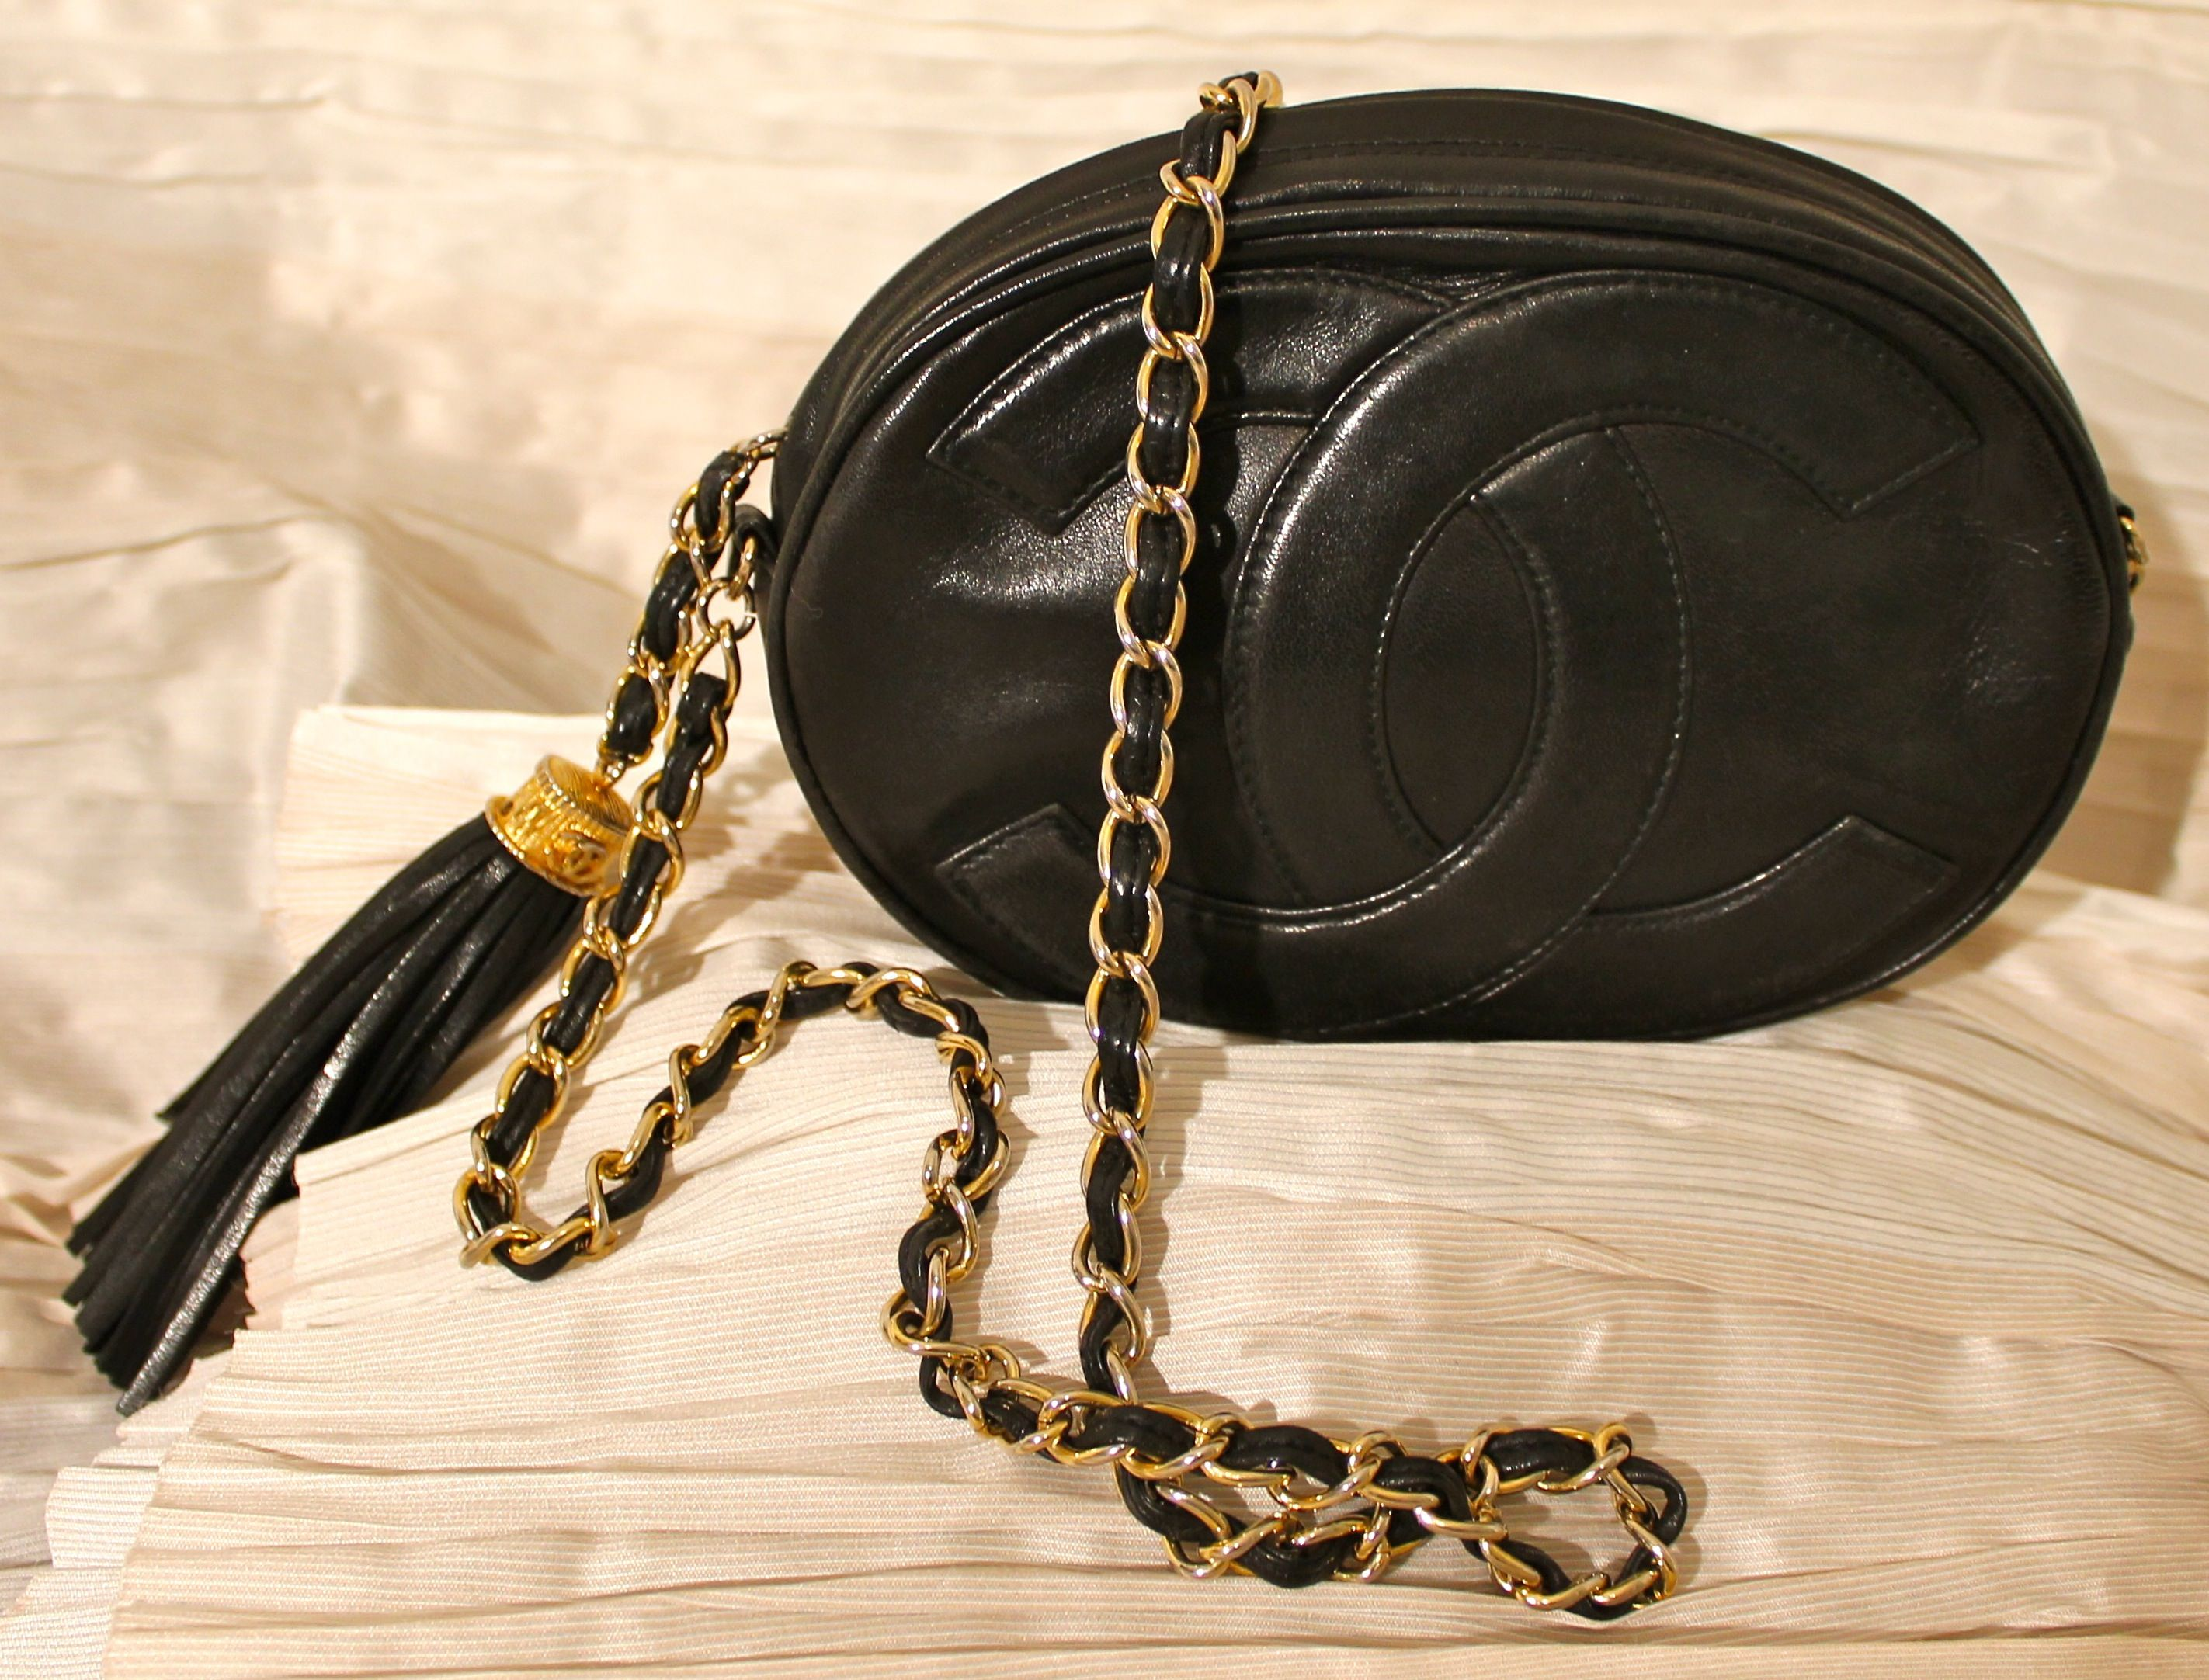 830f138bd3 Borsetta Chanel in agnello nero. Tracolla con catena, chiusura con zipper e  maxi nappa